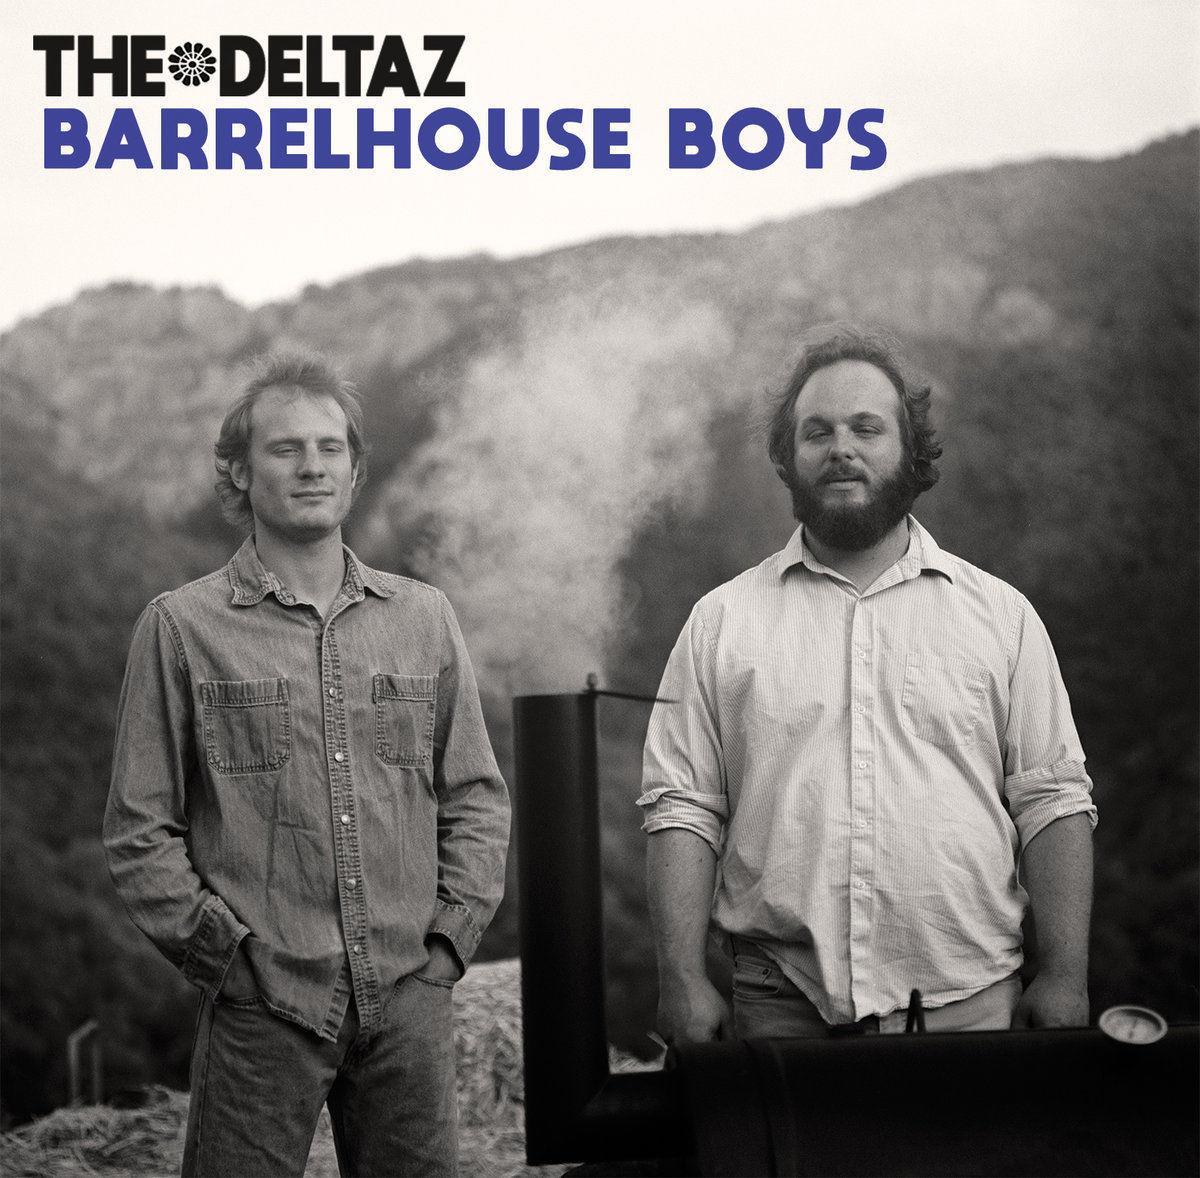 barrelhouse boys